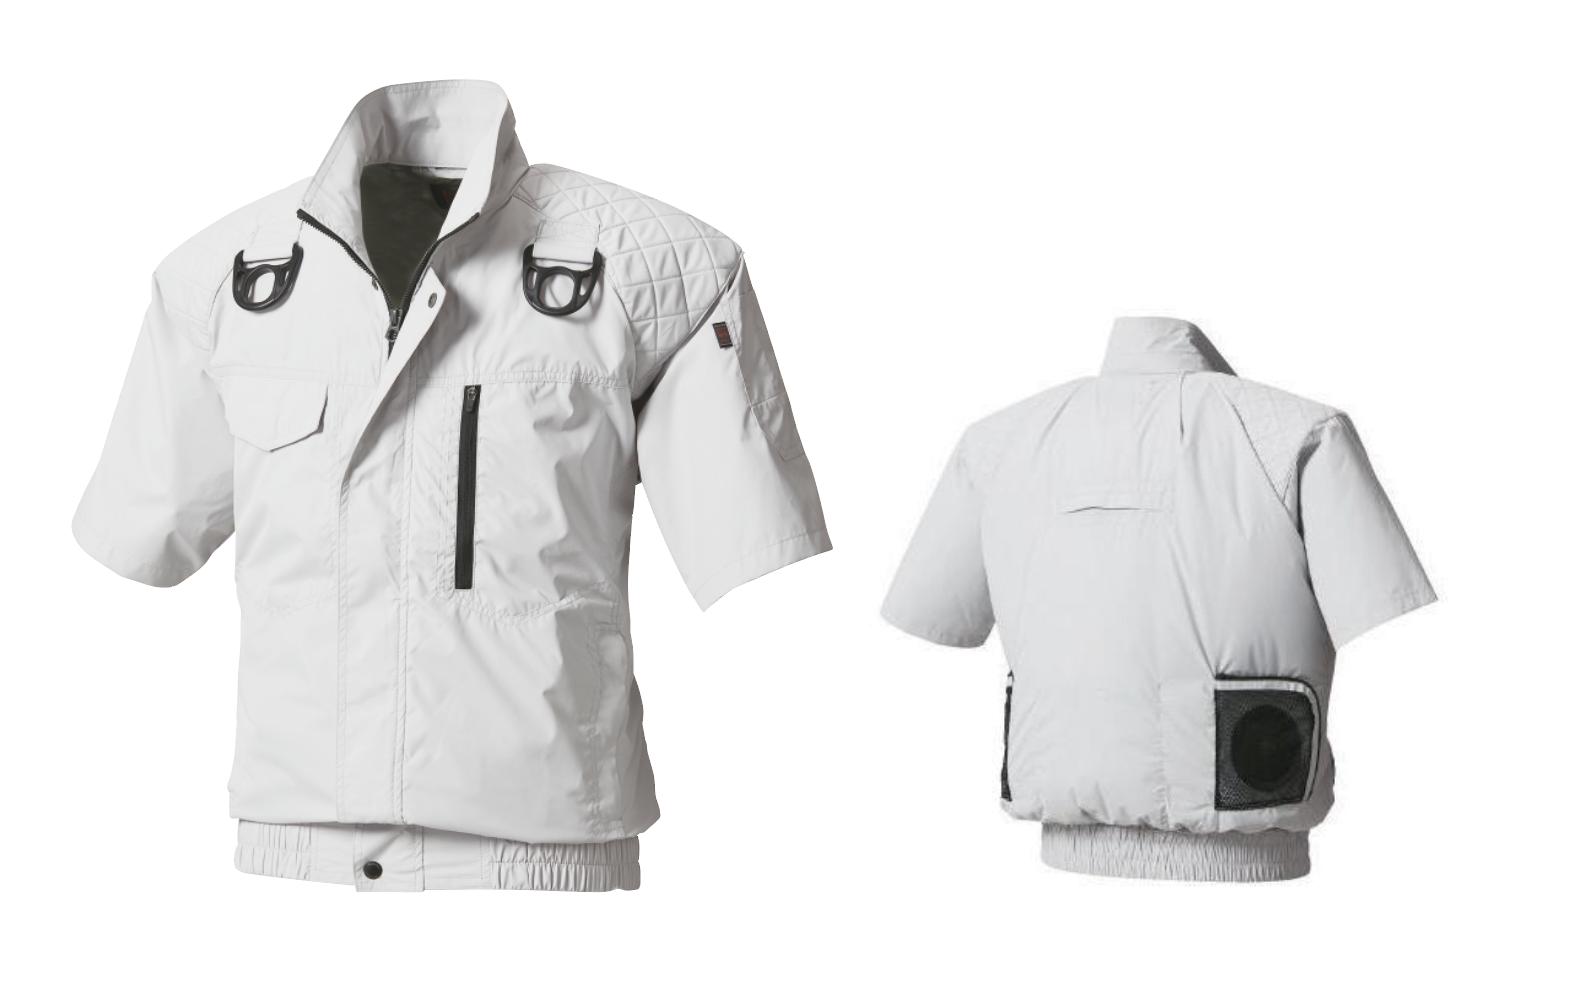 【キーポイント】熱中症対策・作業効率アップに今年も手放せない空冷服!『ハーネス対応半袖ブルゾン空冷服』の画像